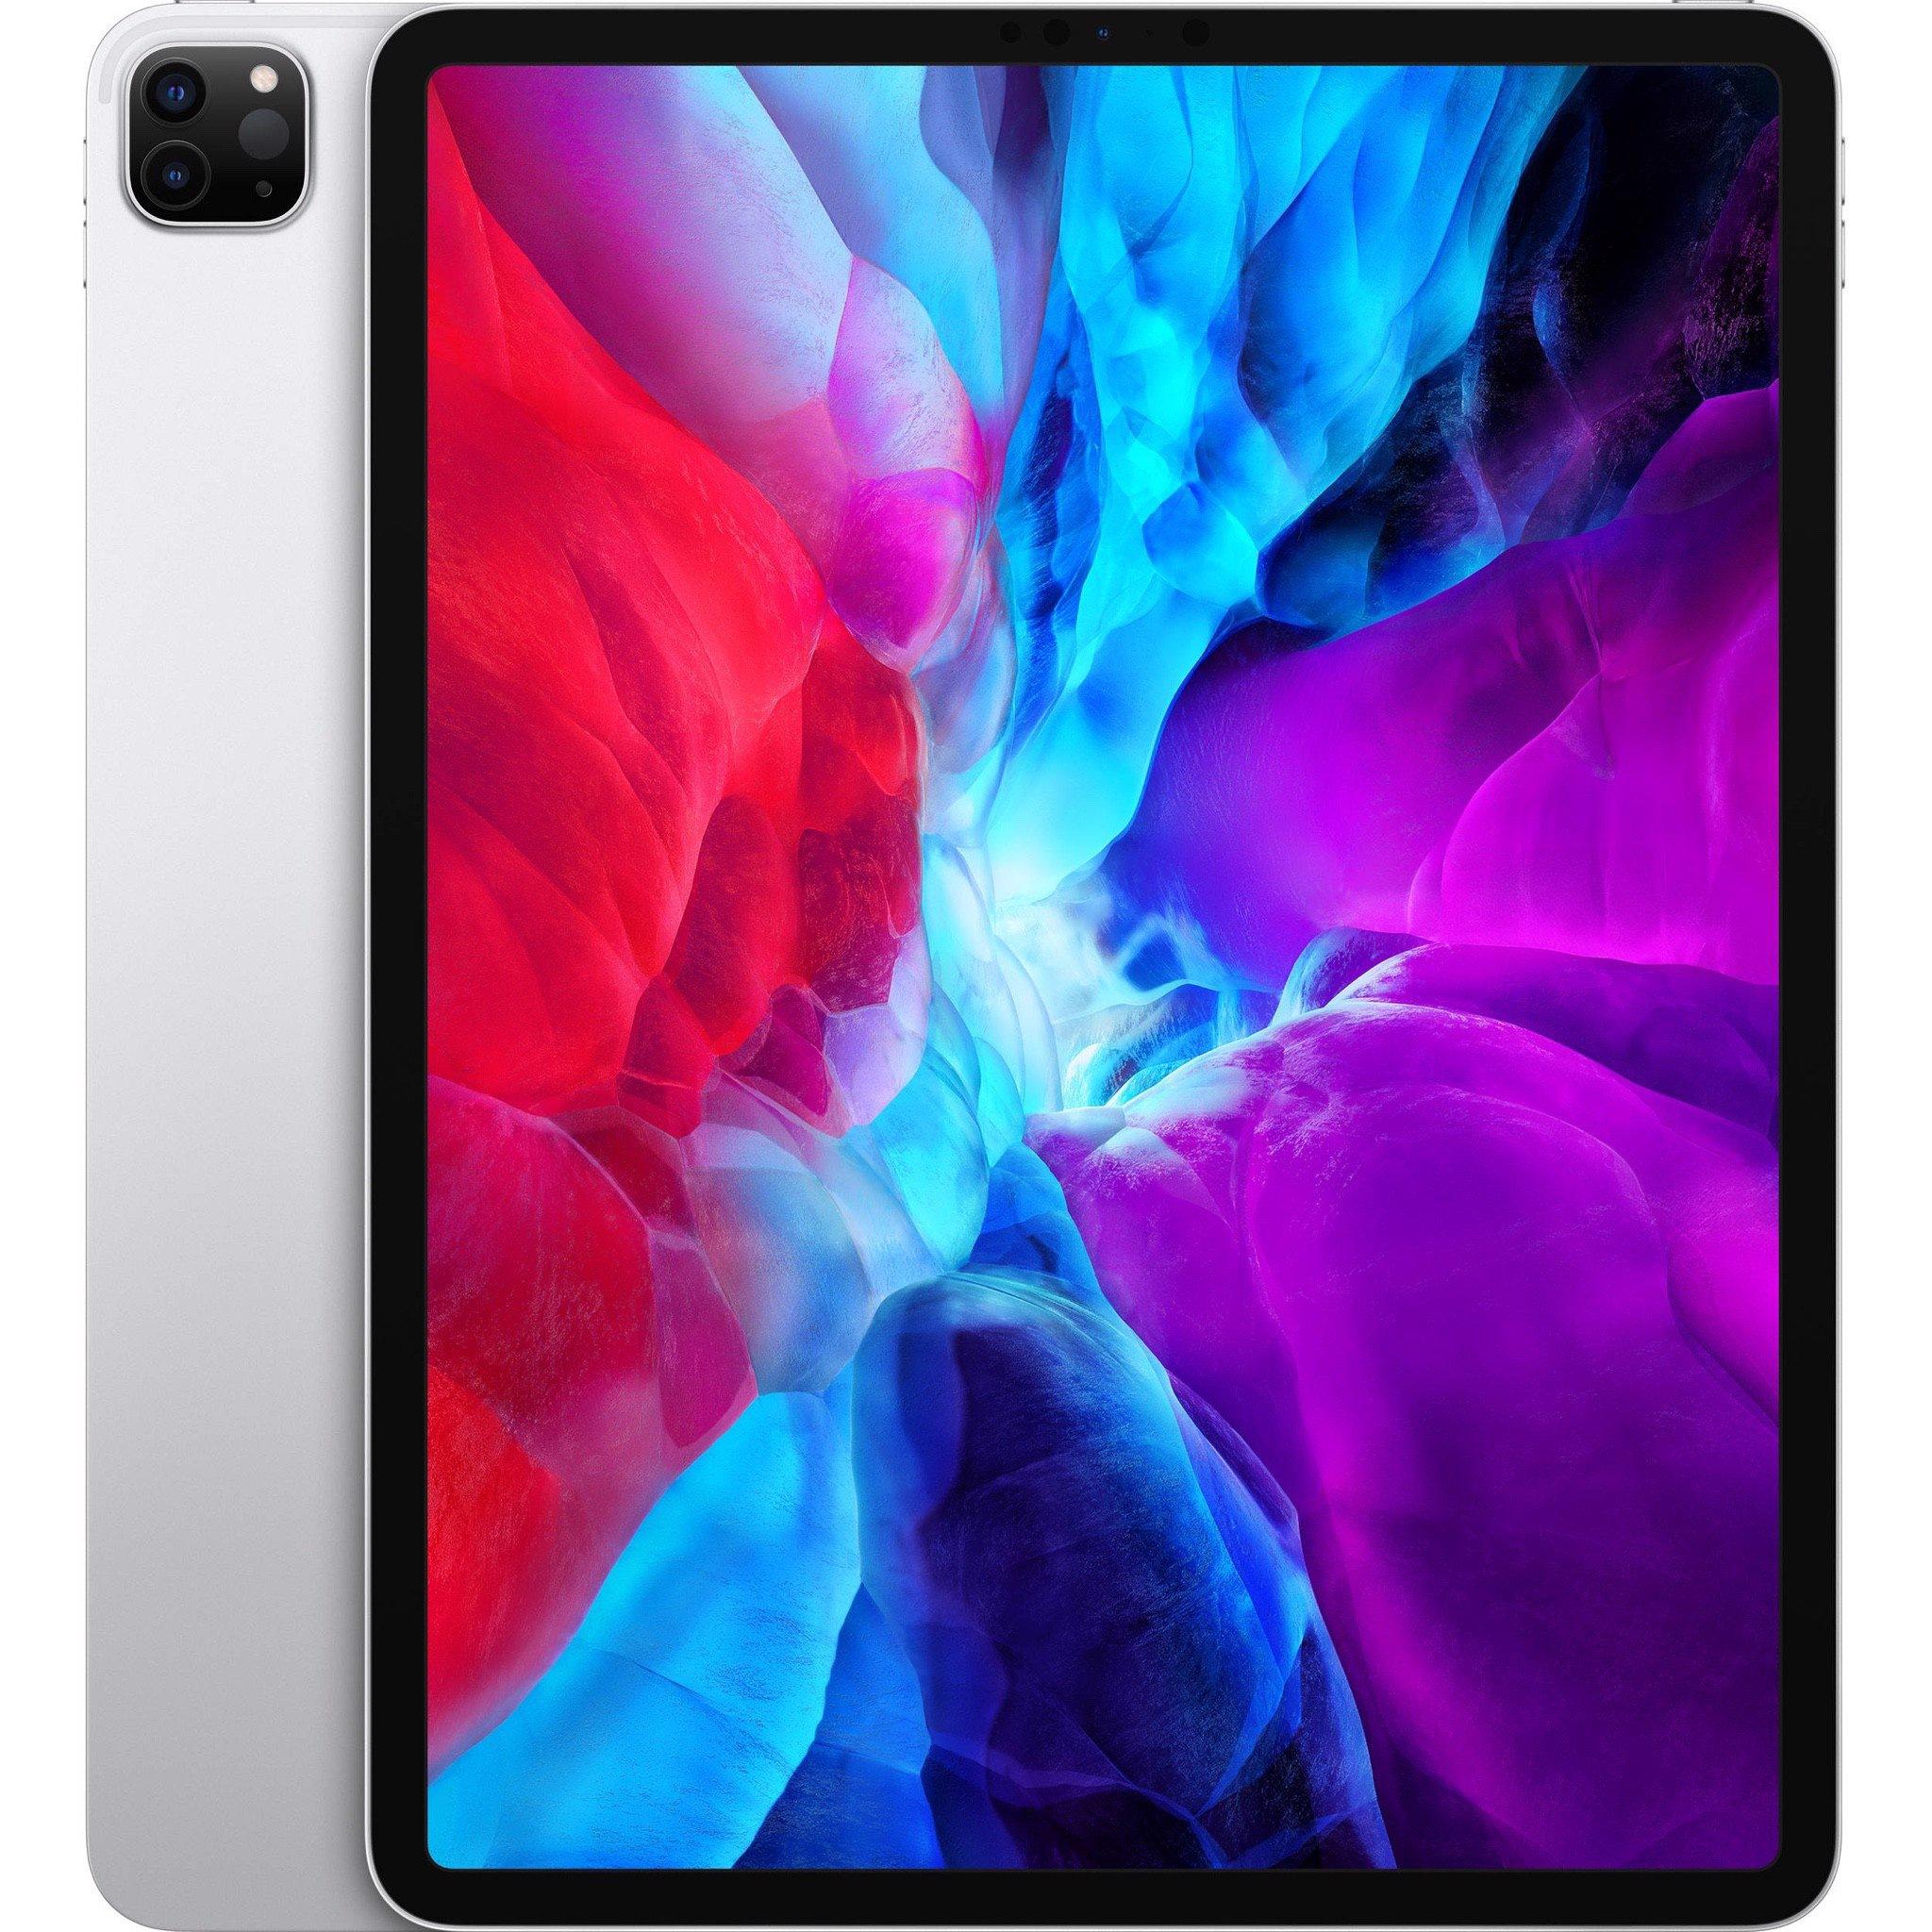 Máy tính bảng iPad Pro 12.9-inch 4G (LTE) - Model 2020 - Hàng chính hãng